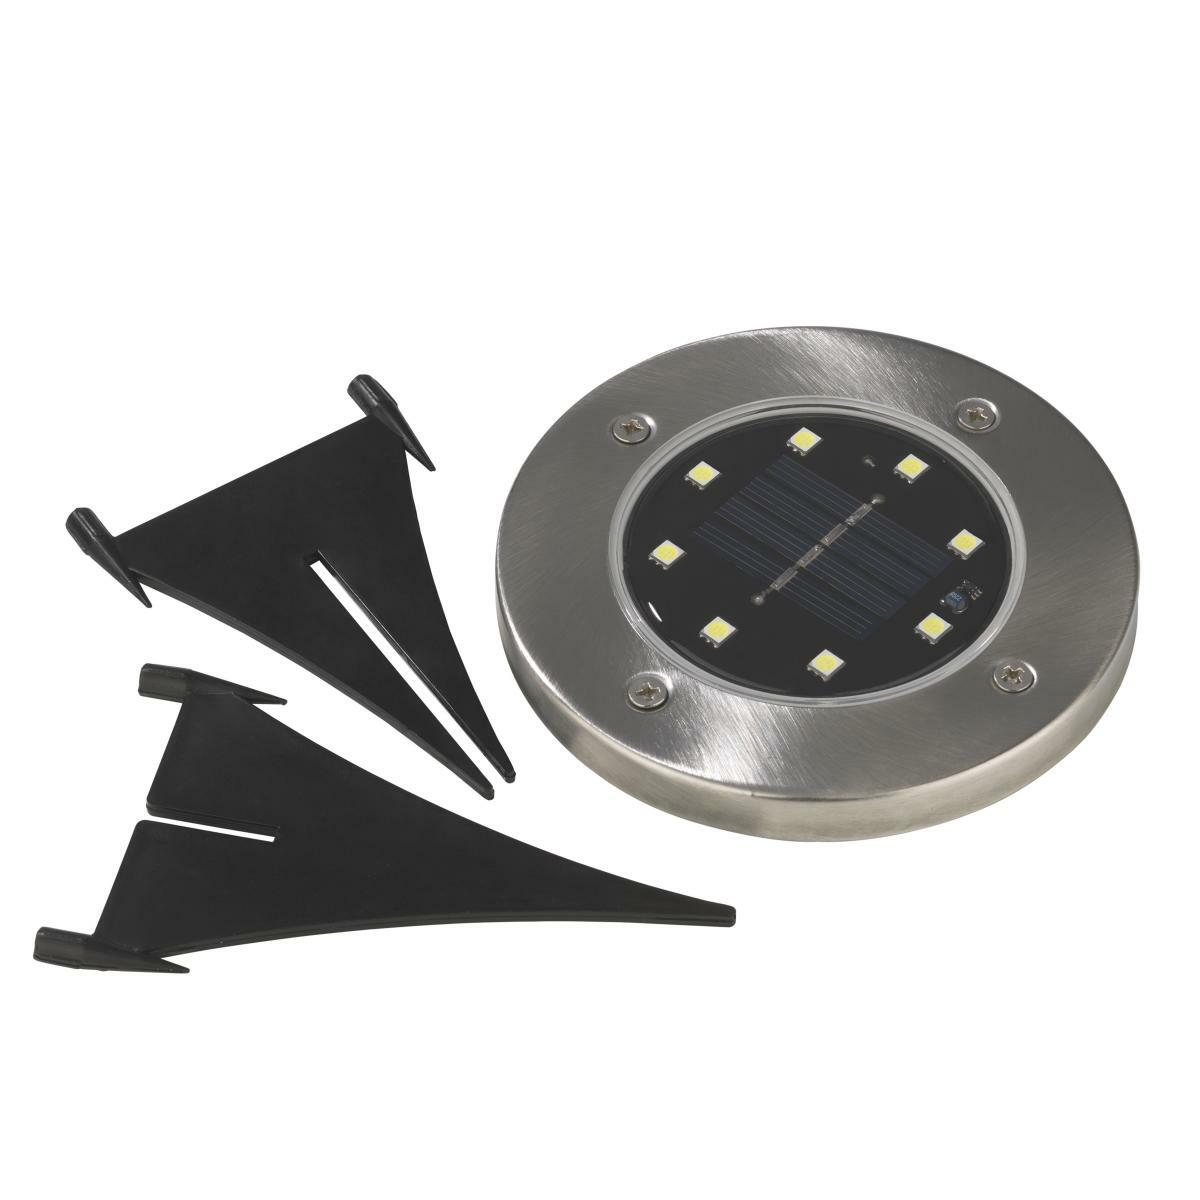 Bild 3 von EASYmaxx Solar-Bodenleuchte 4er-Set 1,2V Edelstahl mit Erdspieß & Wandsticker